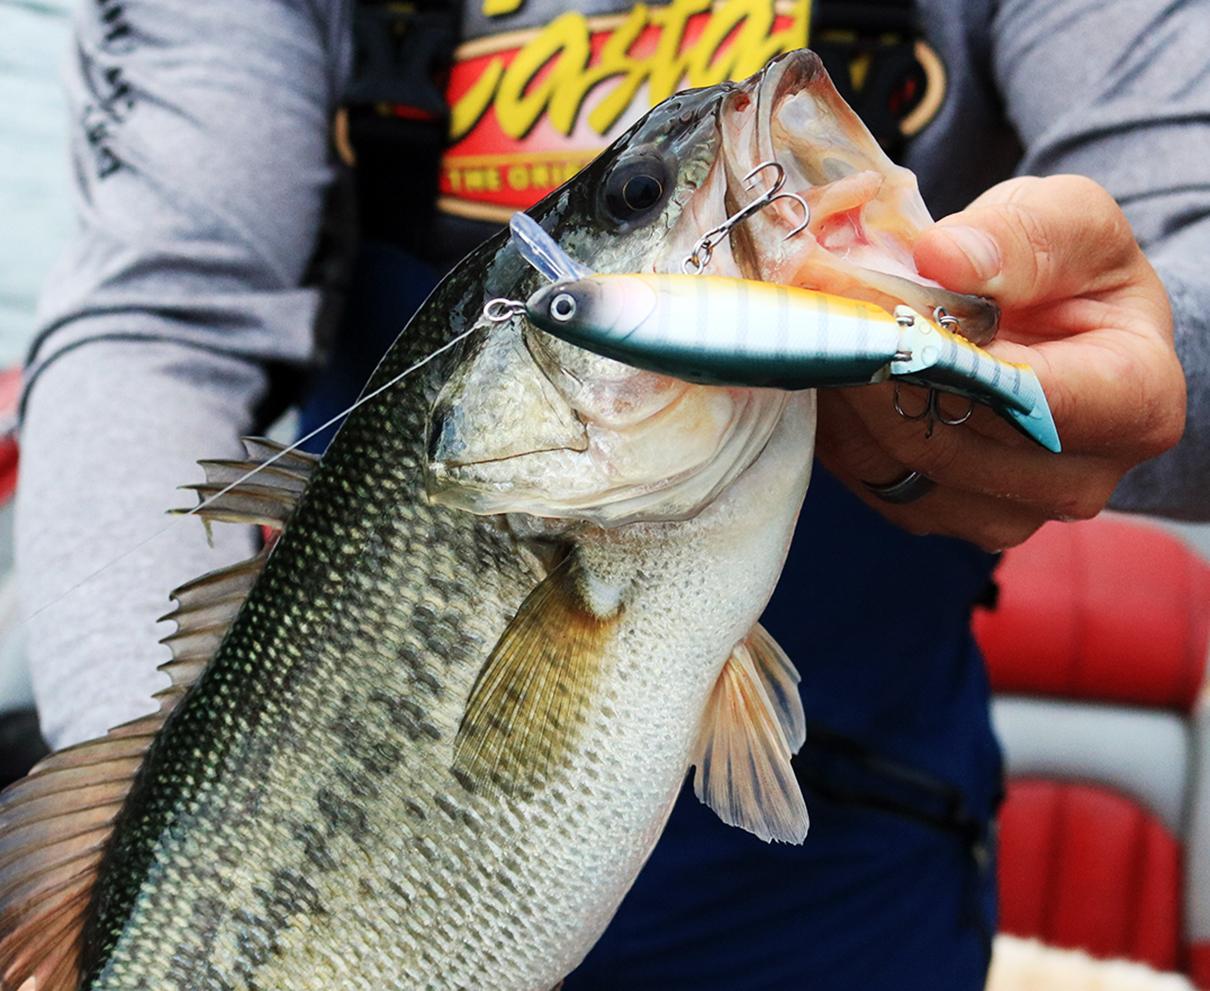 リールカスタムは釣りを制す⁉隣と被らないオリジナルタックル造りがいまキテます!